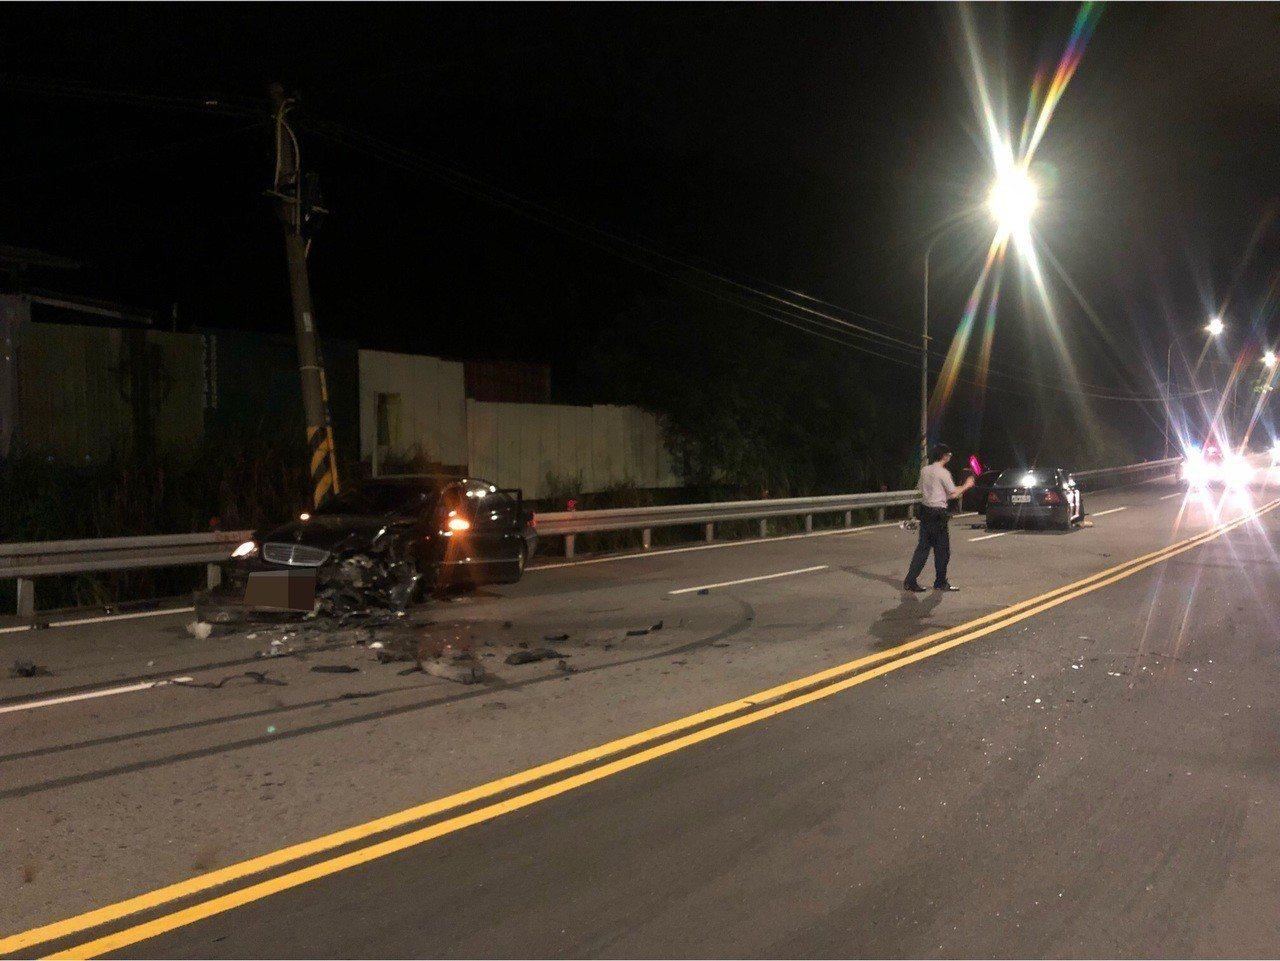 警方頗訝異車損這麼嚴重,2車共5人幸運僅受輕傷。記者林昭彰/翻攝